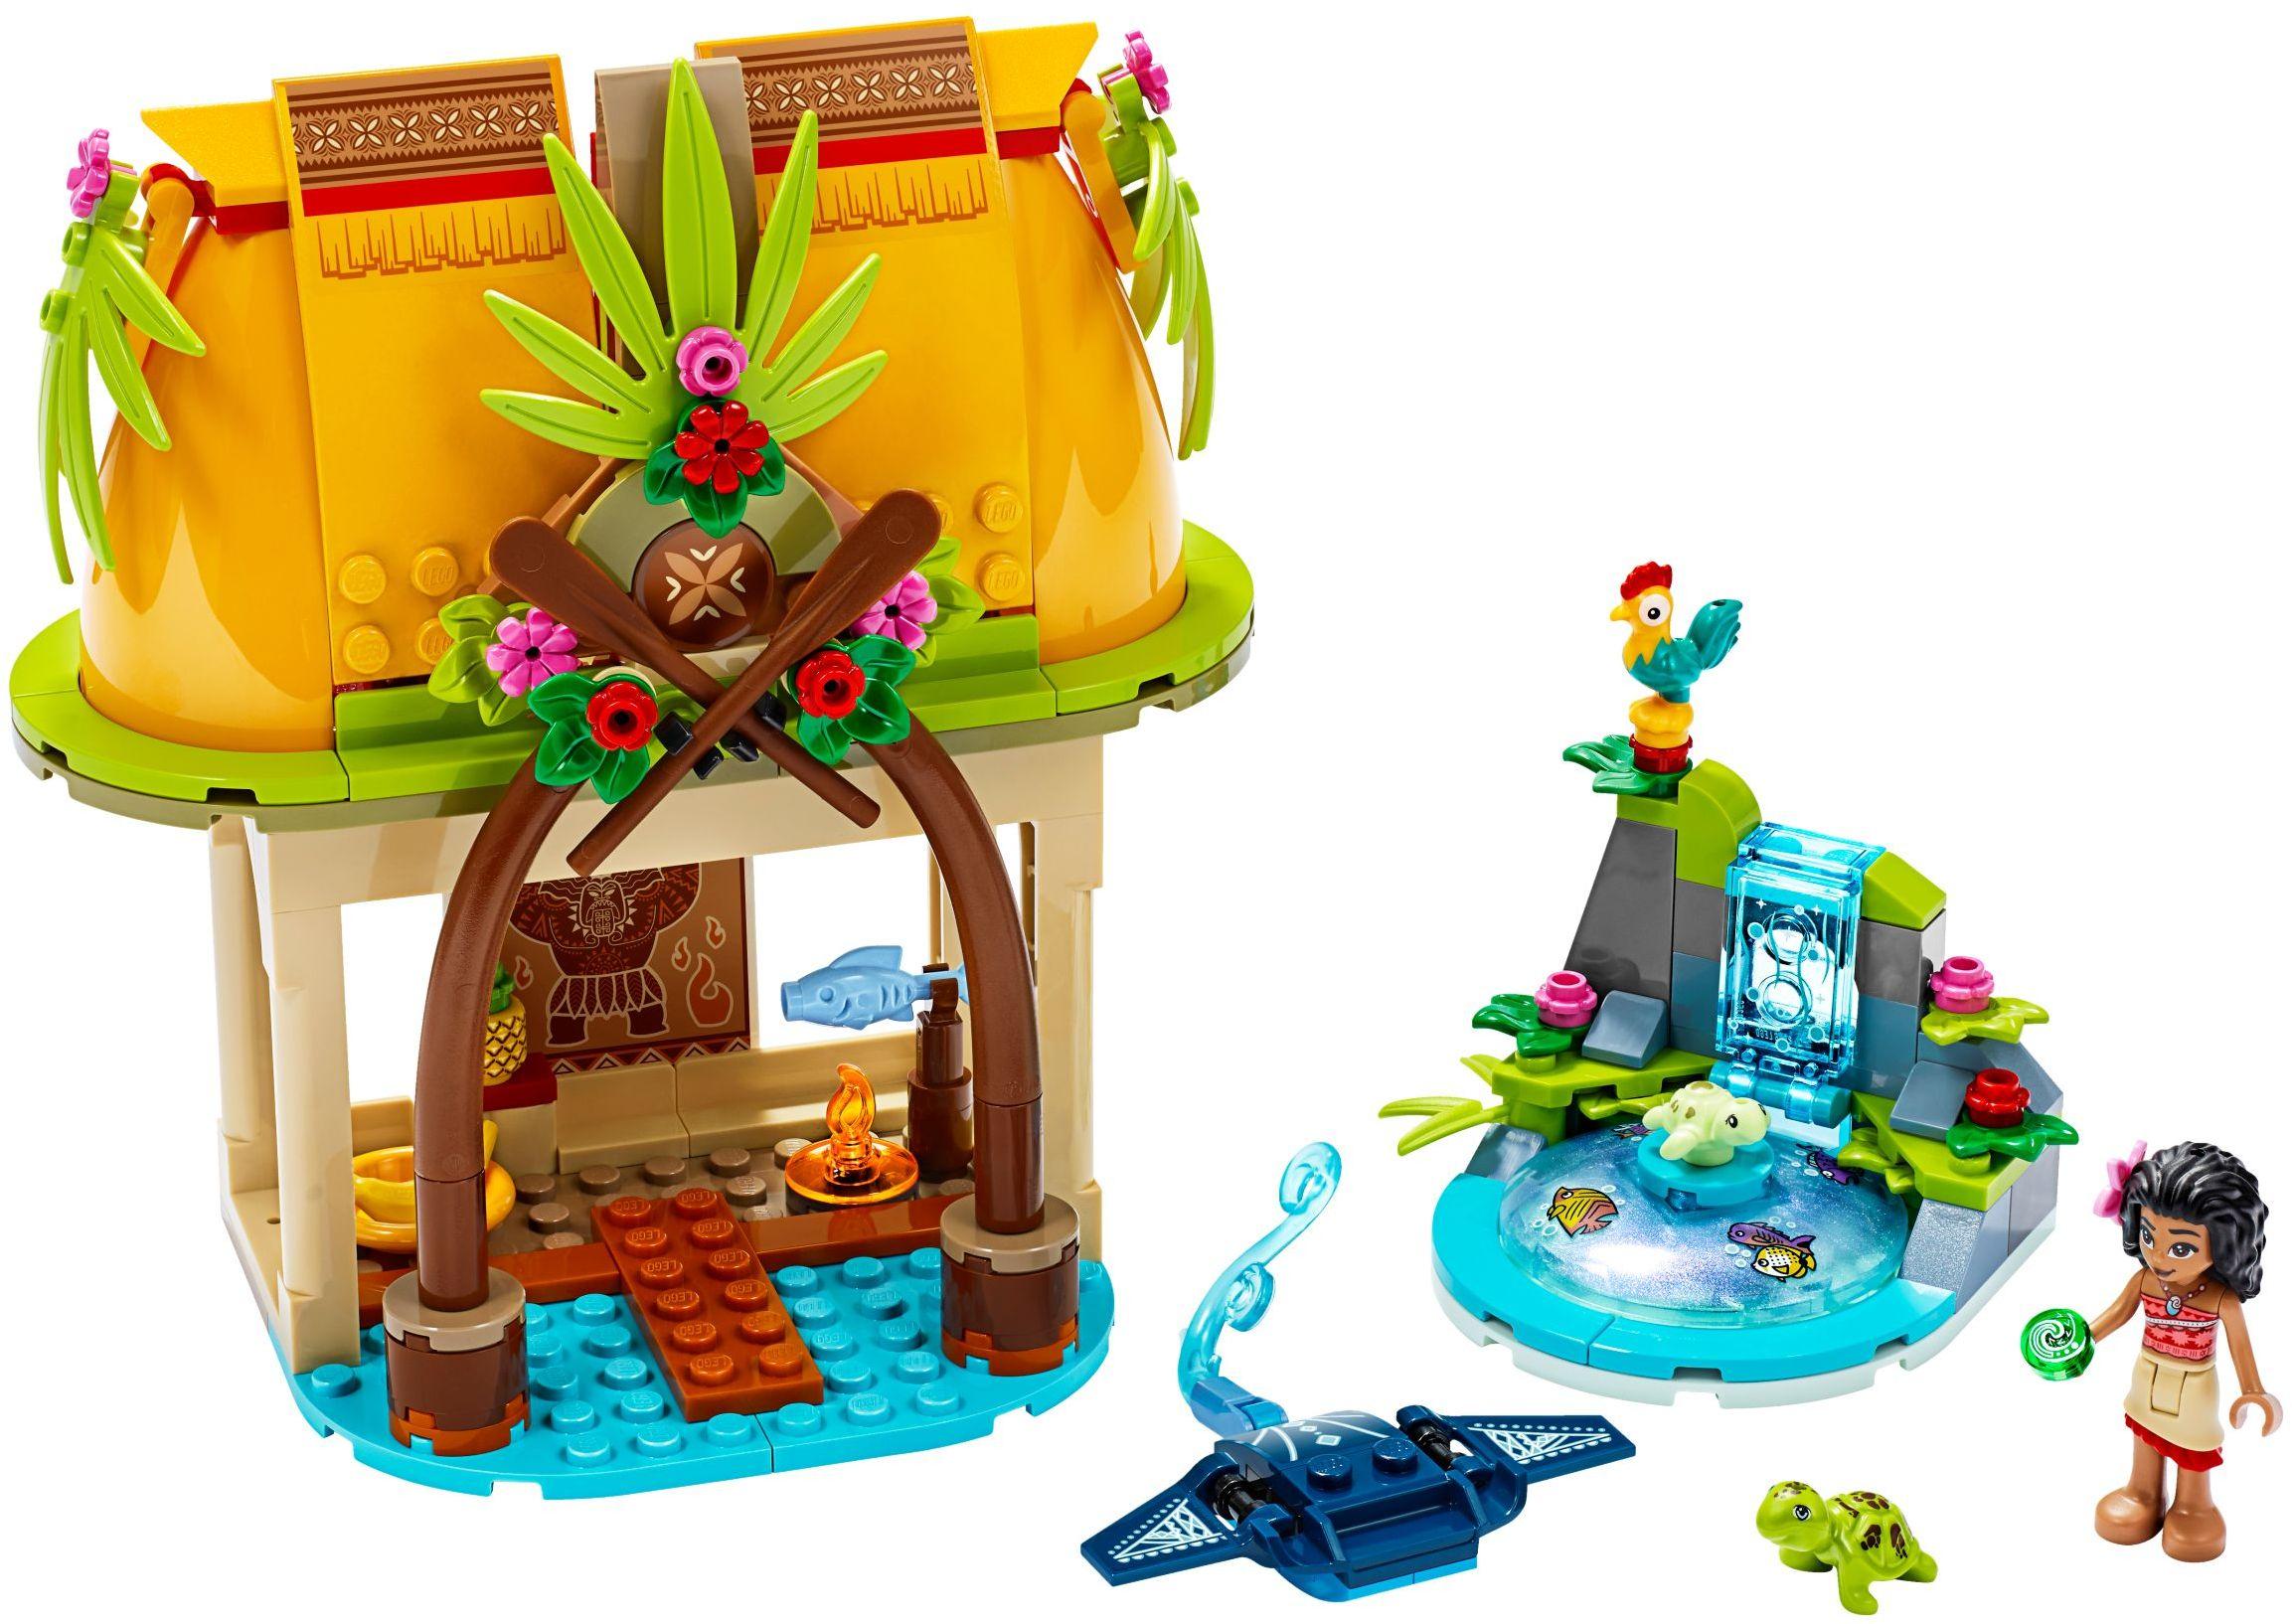 More Lego Disney Princess 2020 Sets Revealed